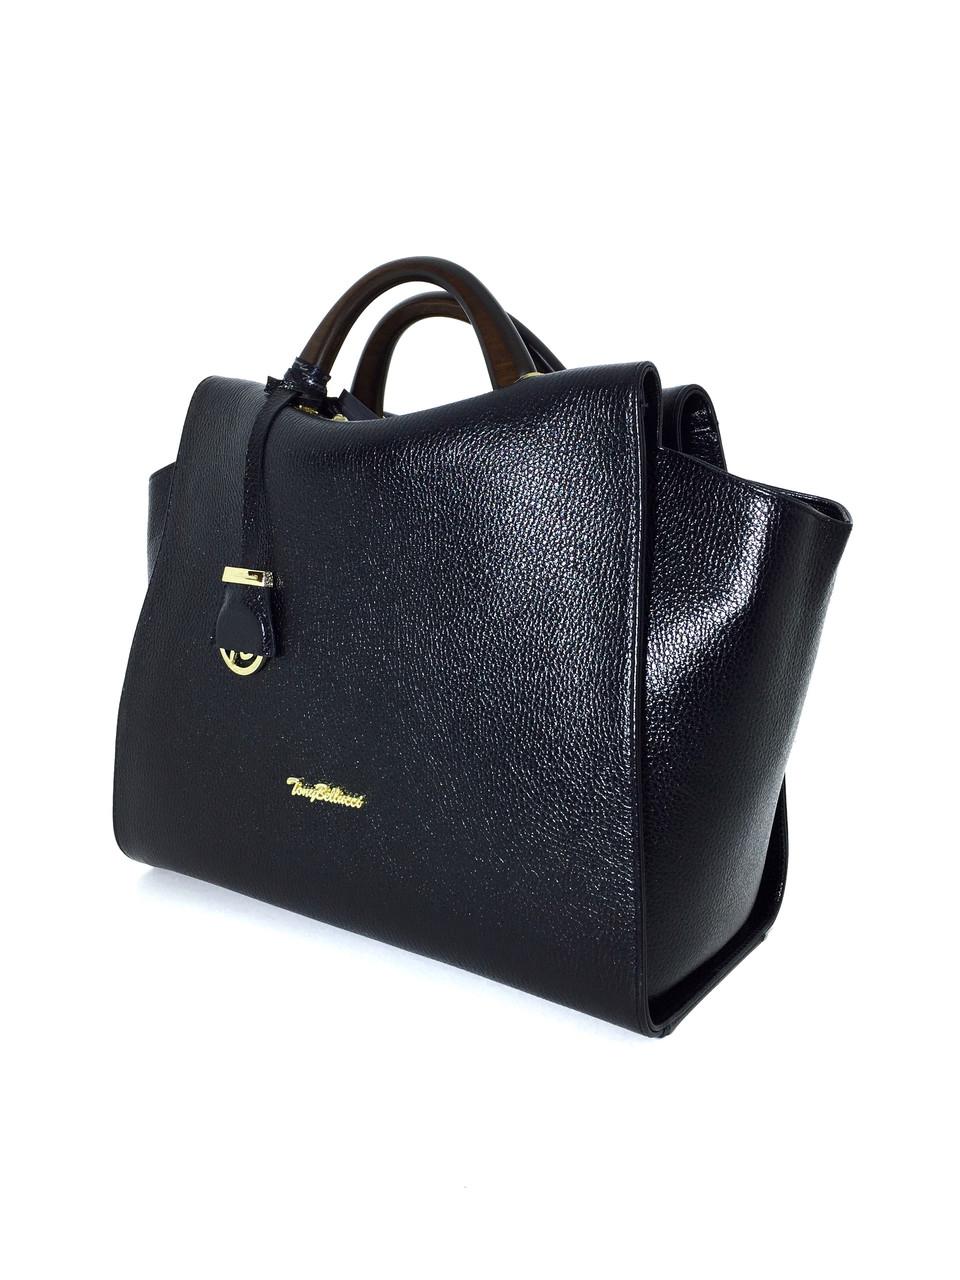 cca6ac391727 S-00-97 Сумка женская Tony Bellucci кожа натуральная, черная, цена 3 184  грн., купить в Херсоне — Prom.ua (ID#847010624)